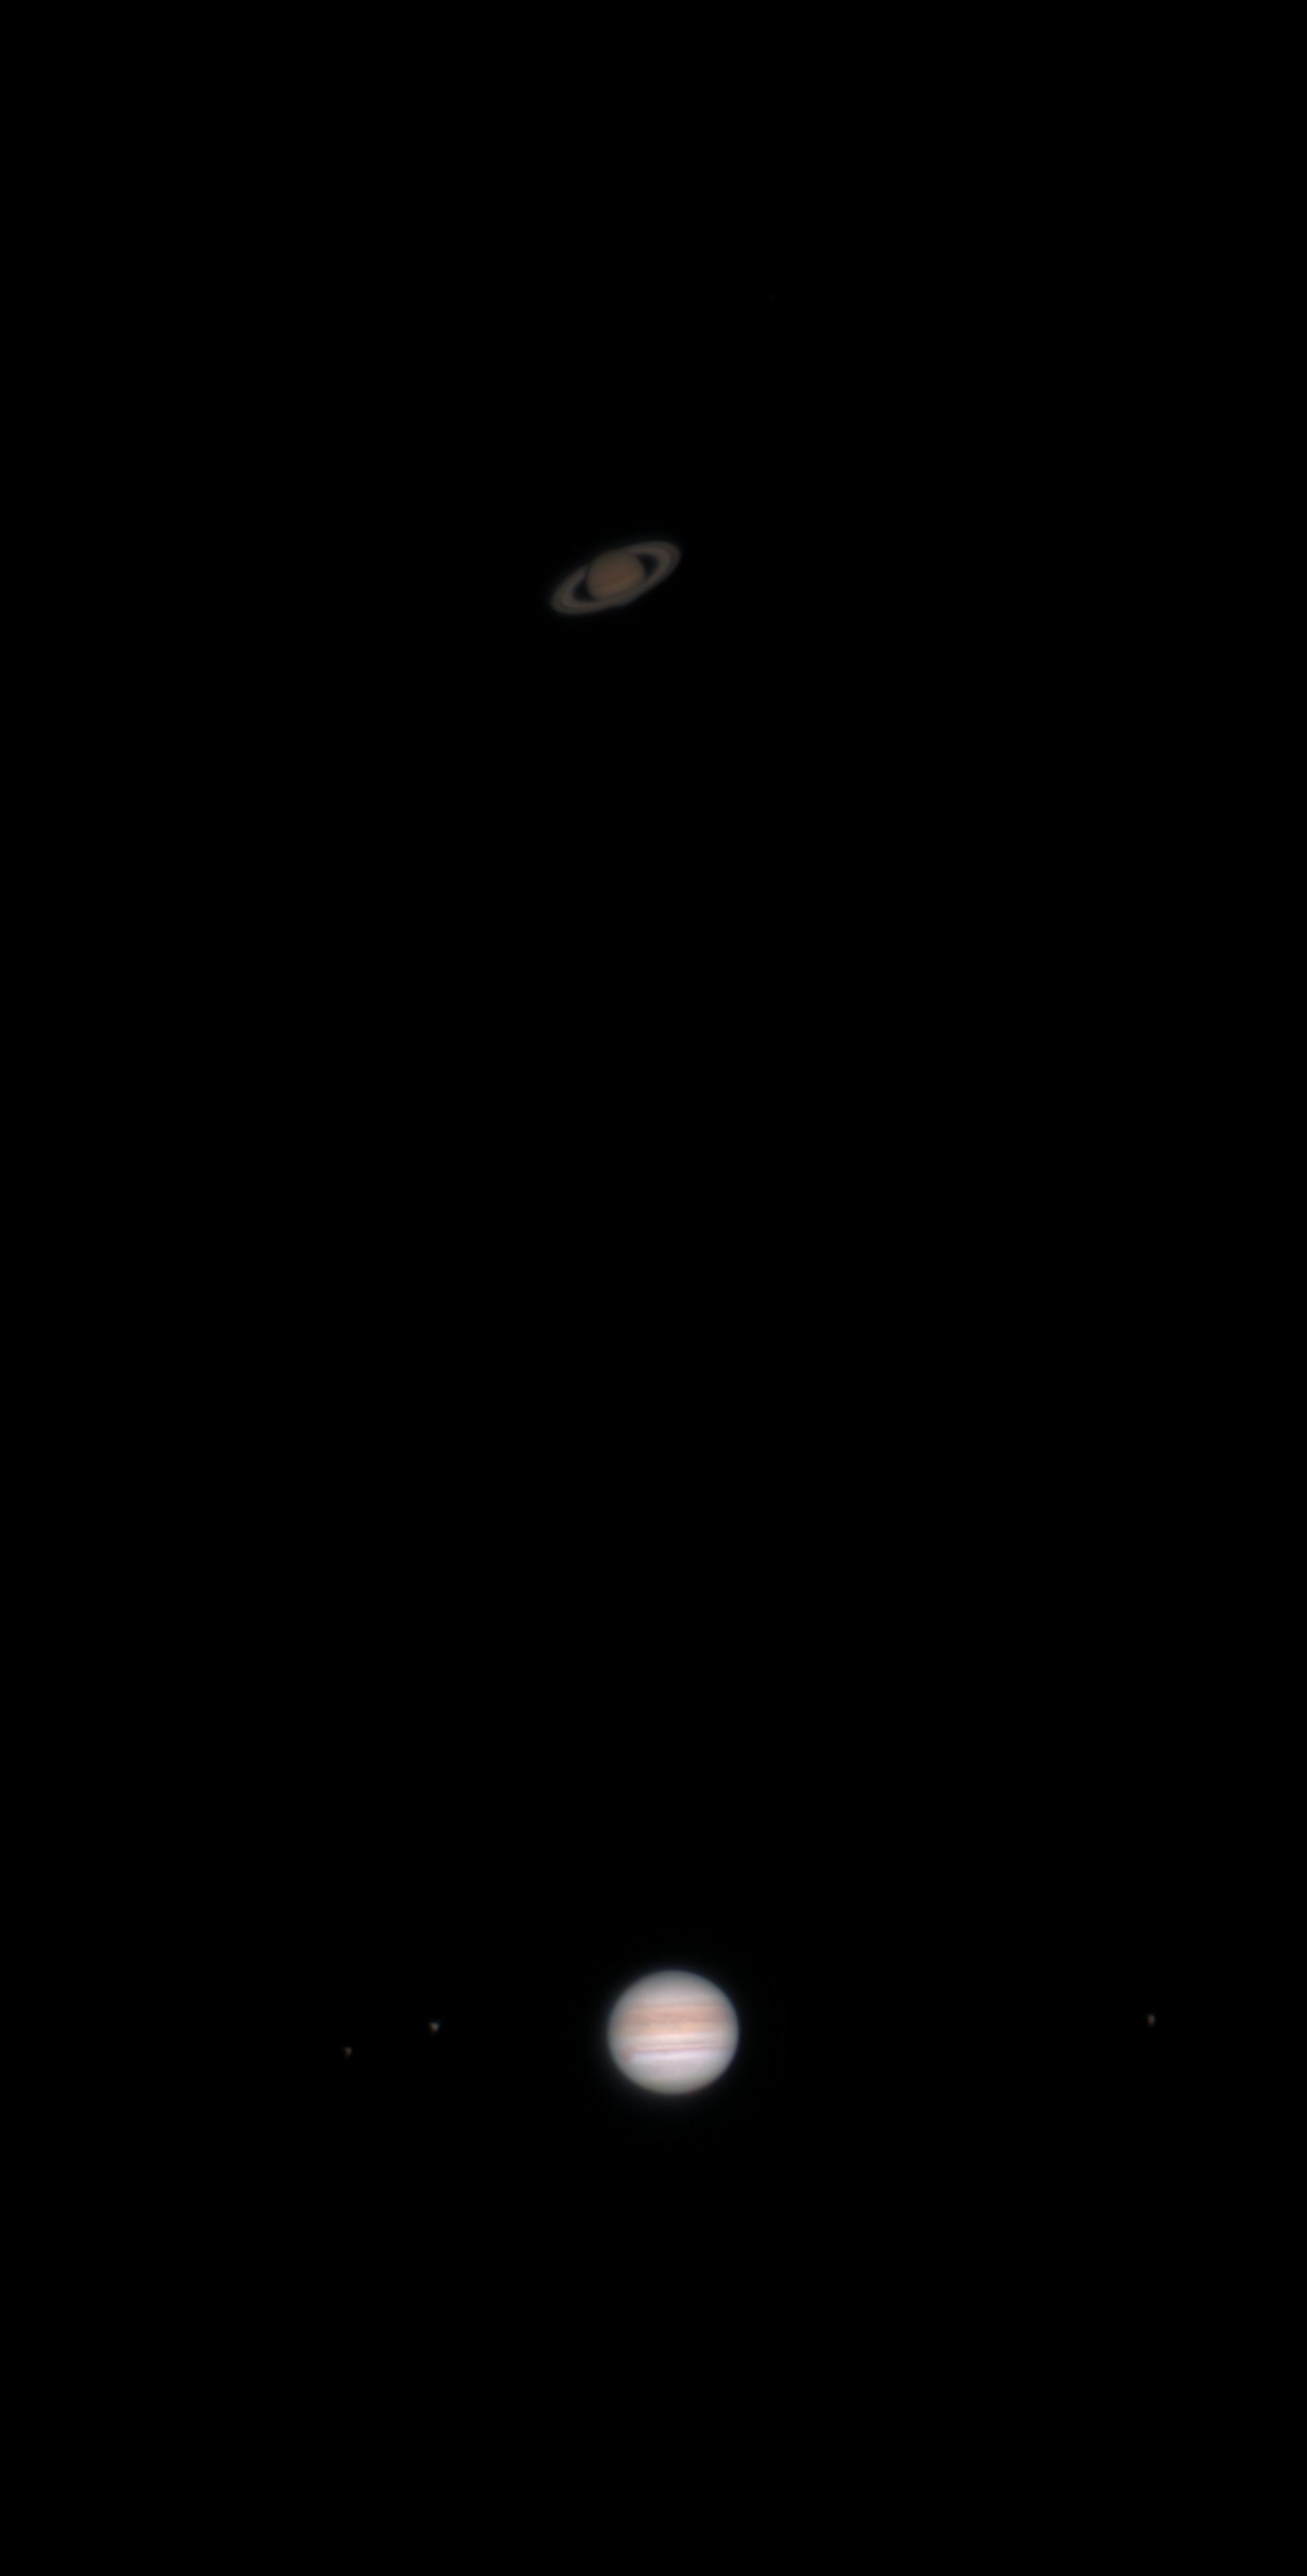 201221-jupiter-saturn.jpg